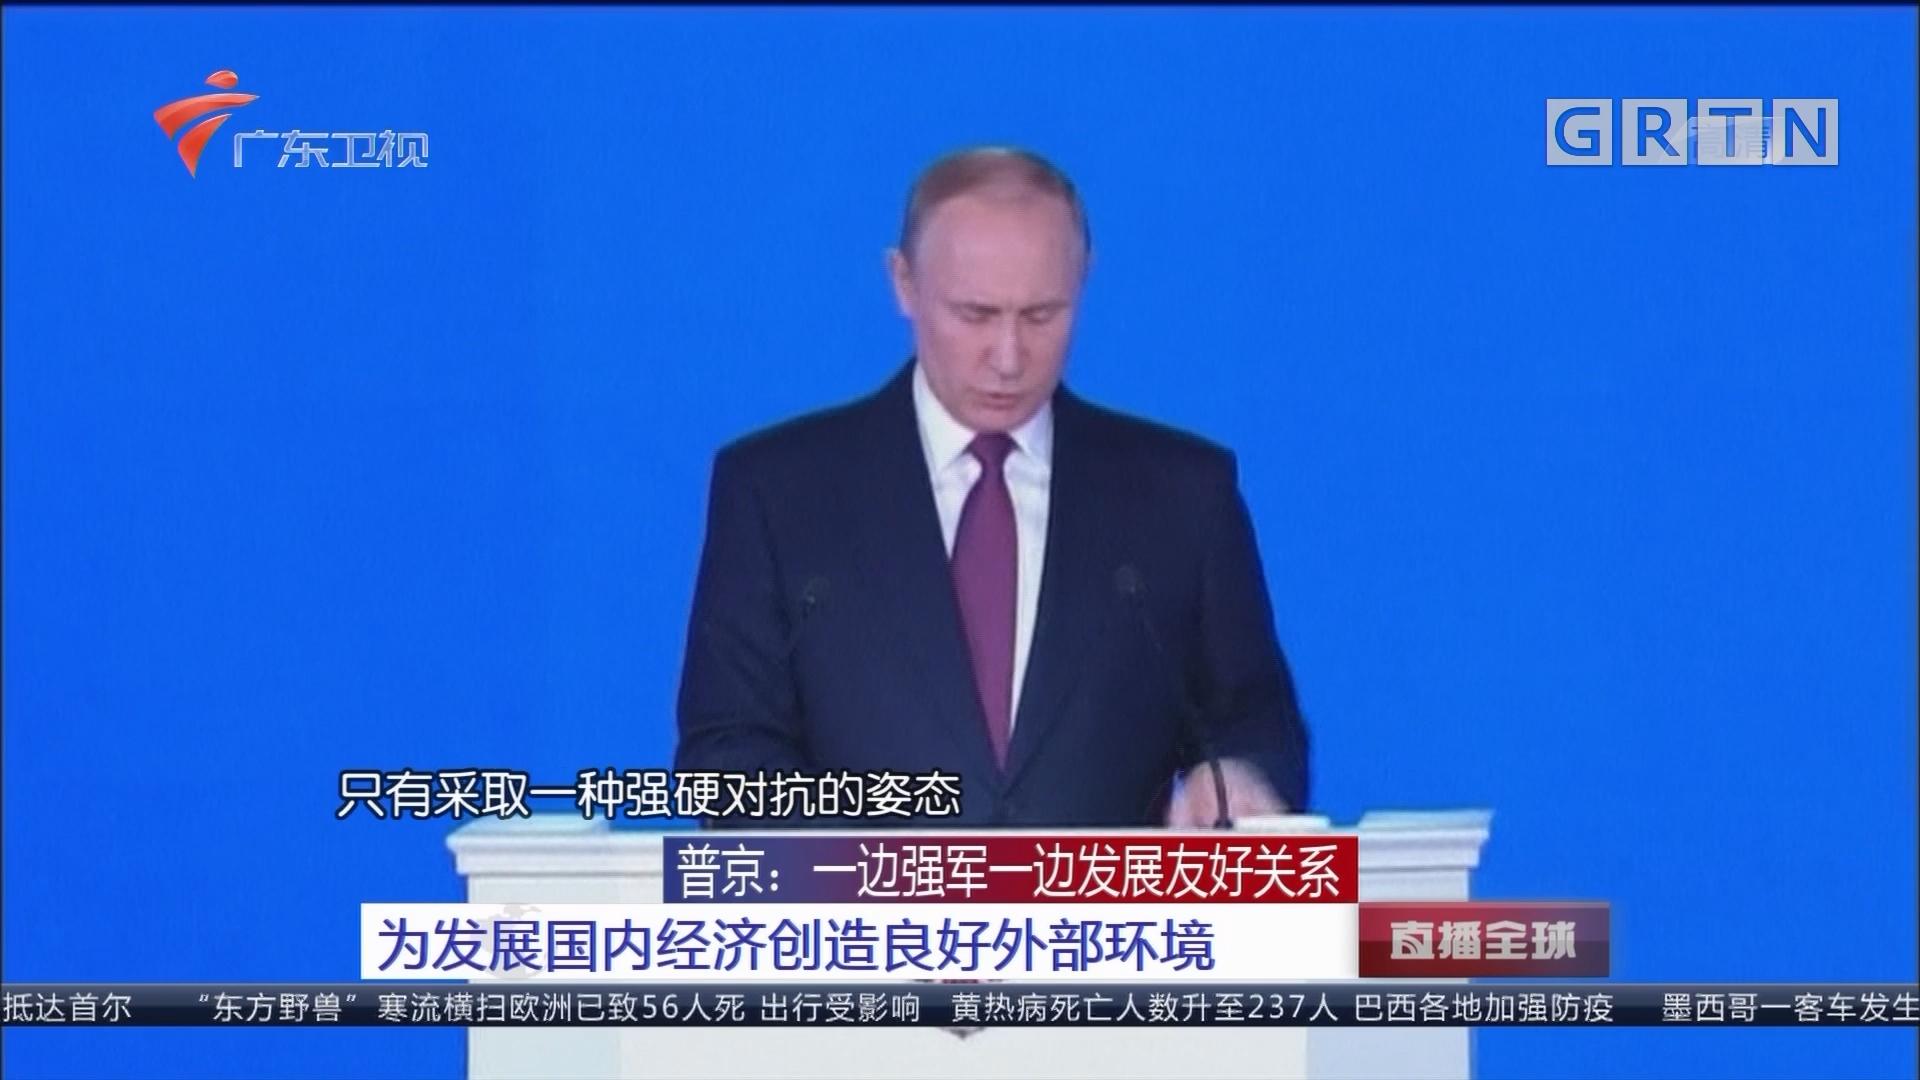 普京:一边强军一边发展友好关系 为发展国内经济创造良好外部环境